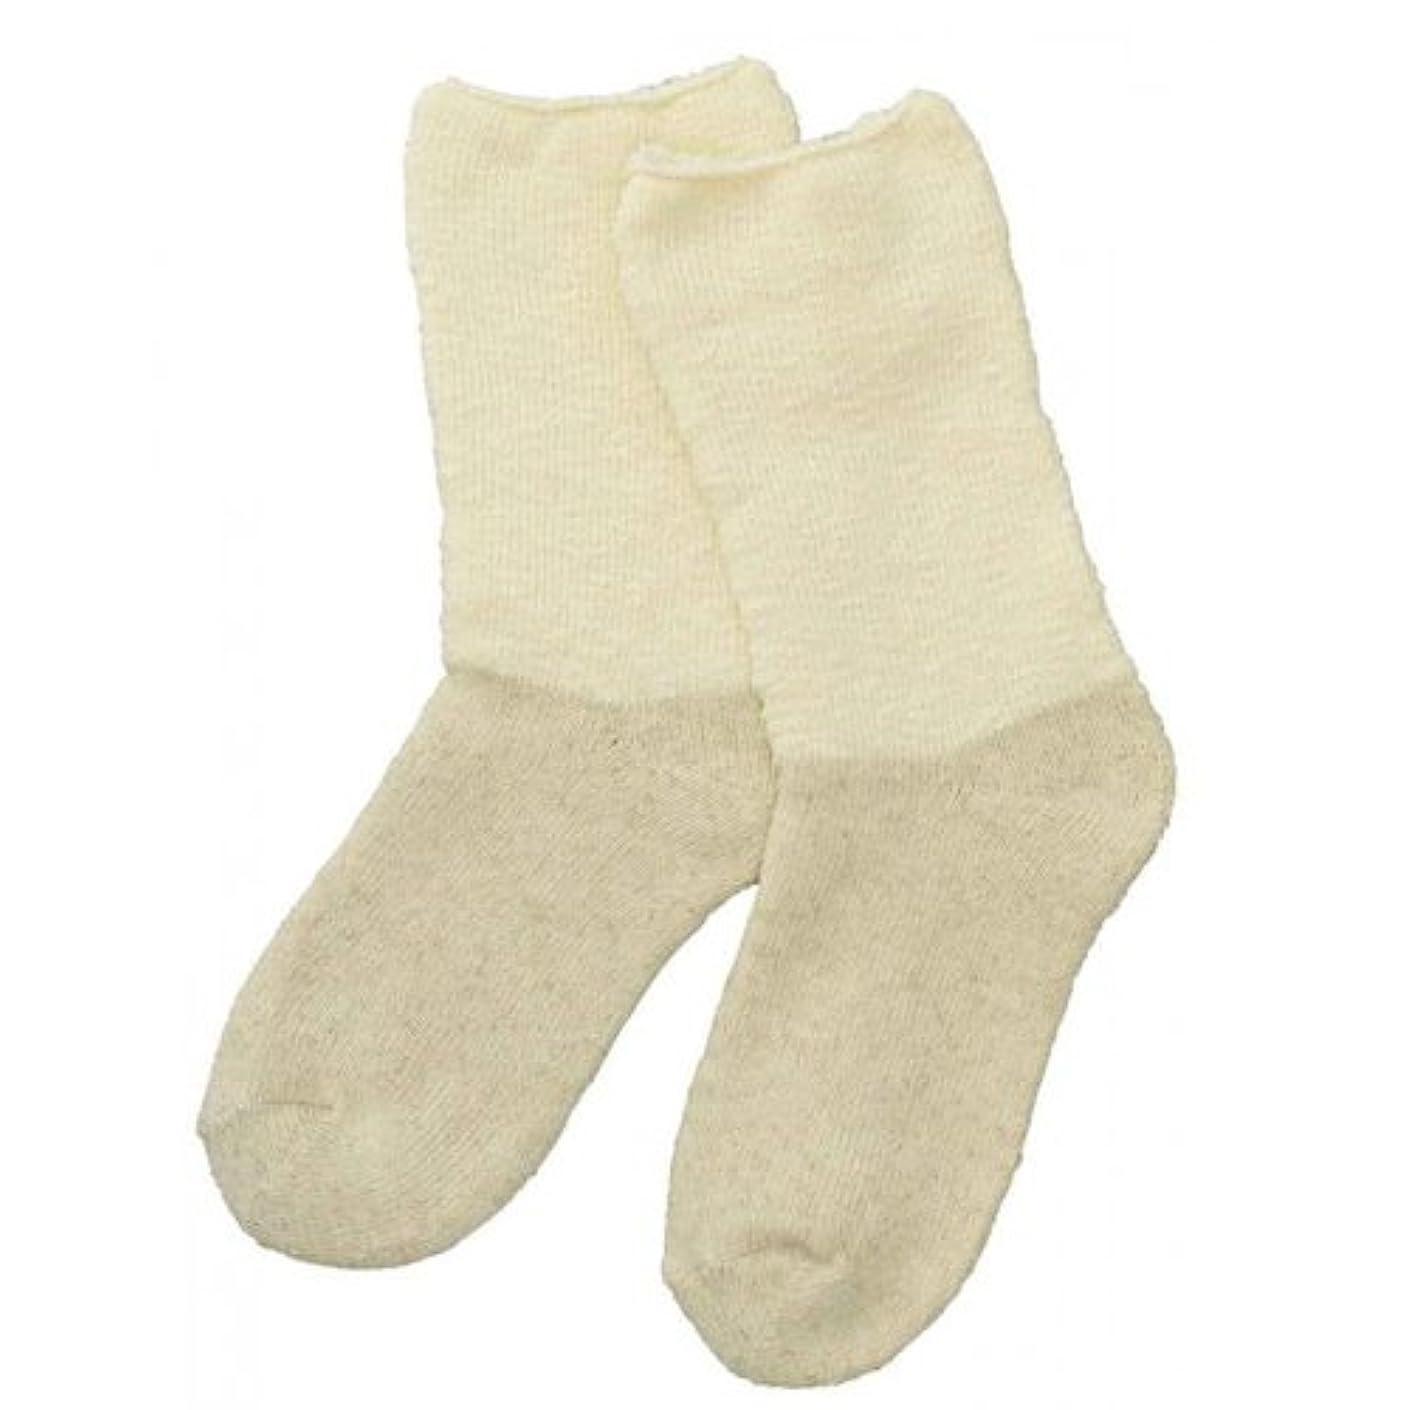 気球合法火山Carelance(ケアランス)お風呂上りのやさしい靴下 綿麻パイルで足先さわやか 8706CA-31 クリーム